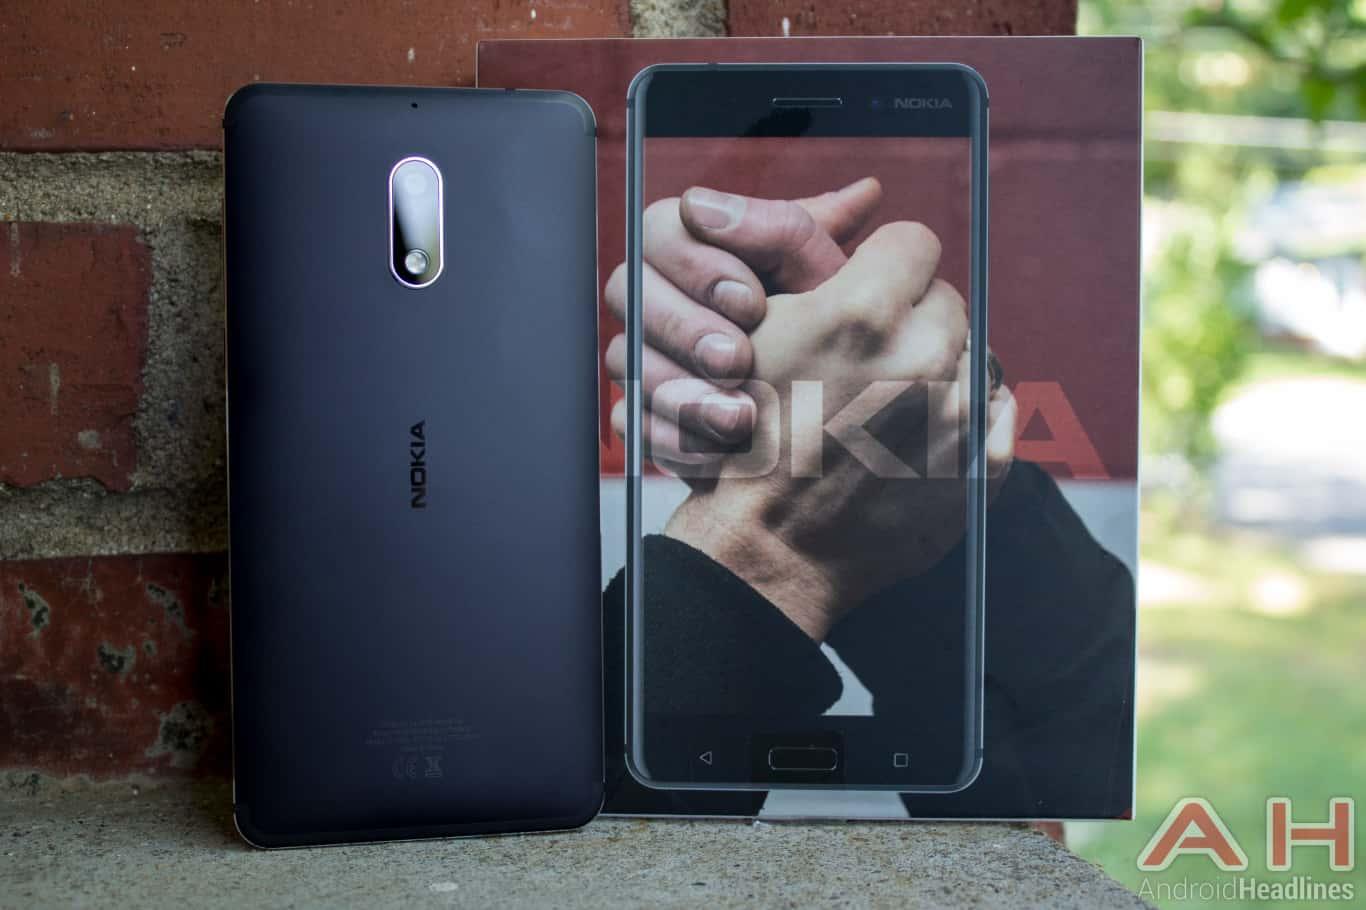 شرکت HMD احتمالا از گوشی هوشمند اندرویدی Nokia 2 در نوامبر رونمایی خواهد کرد